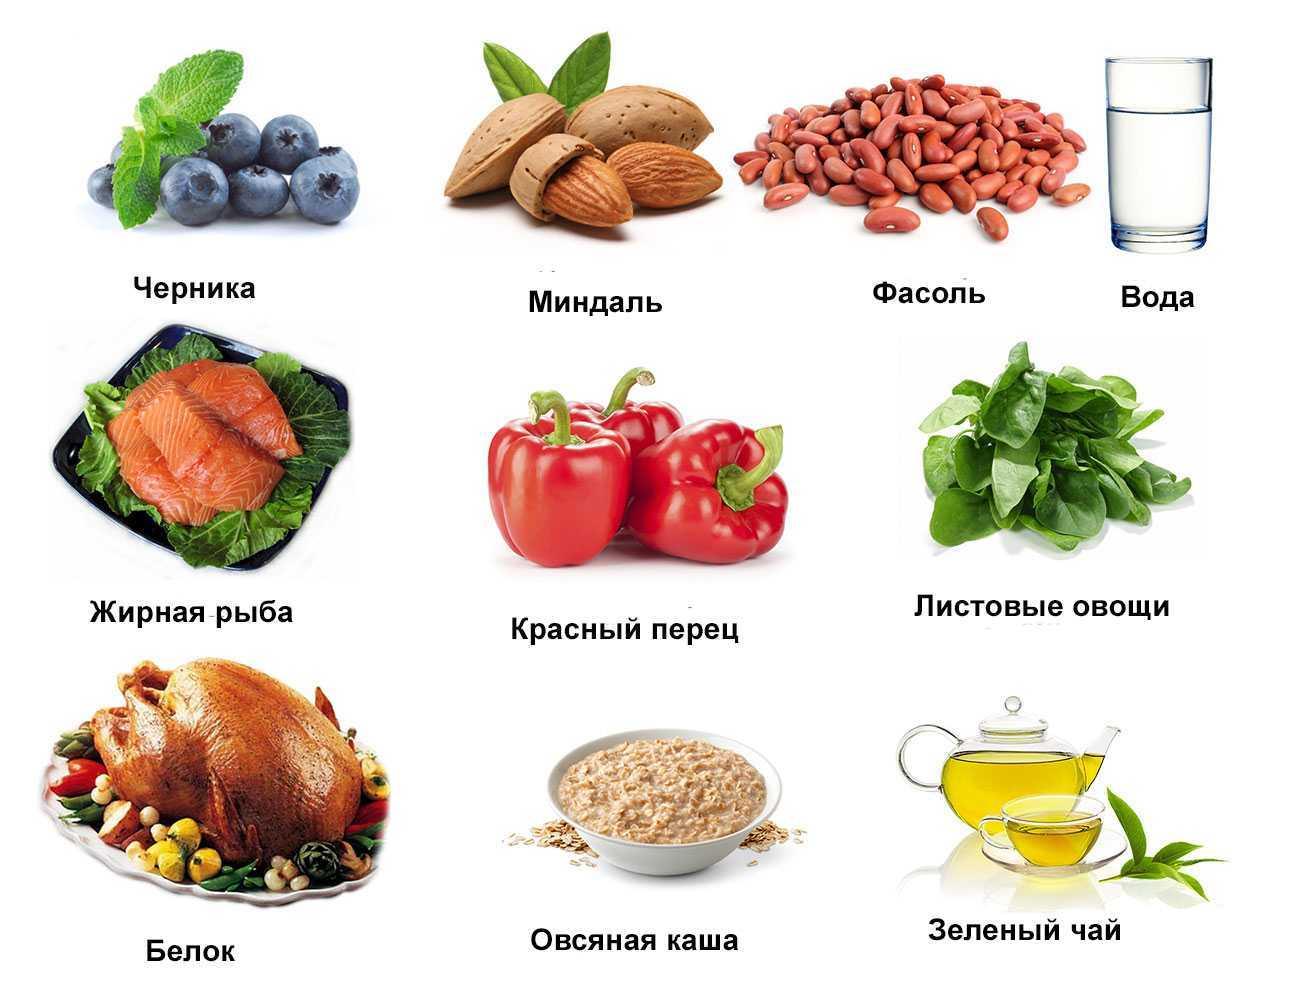 10 принципов правильного питания для снижения веса